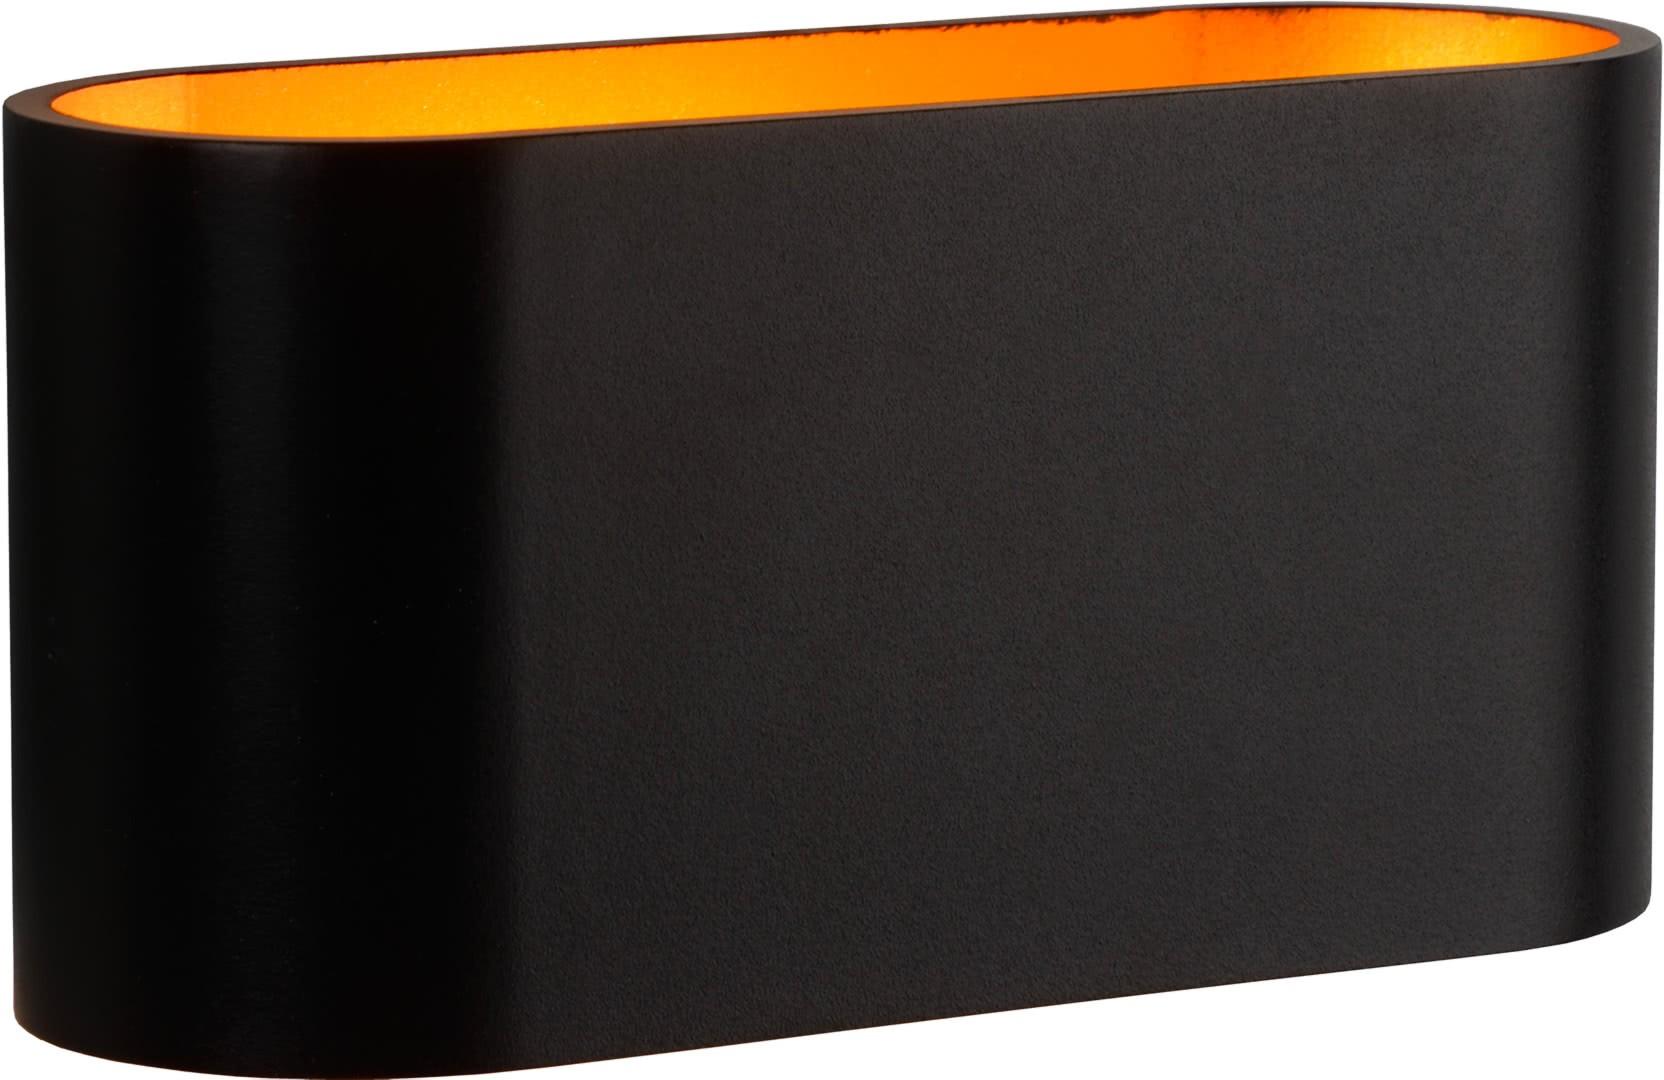 Applique ovale design noire eliot